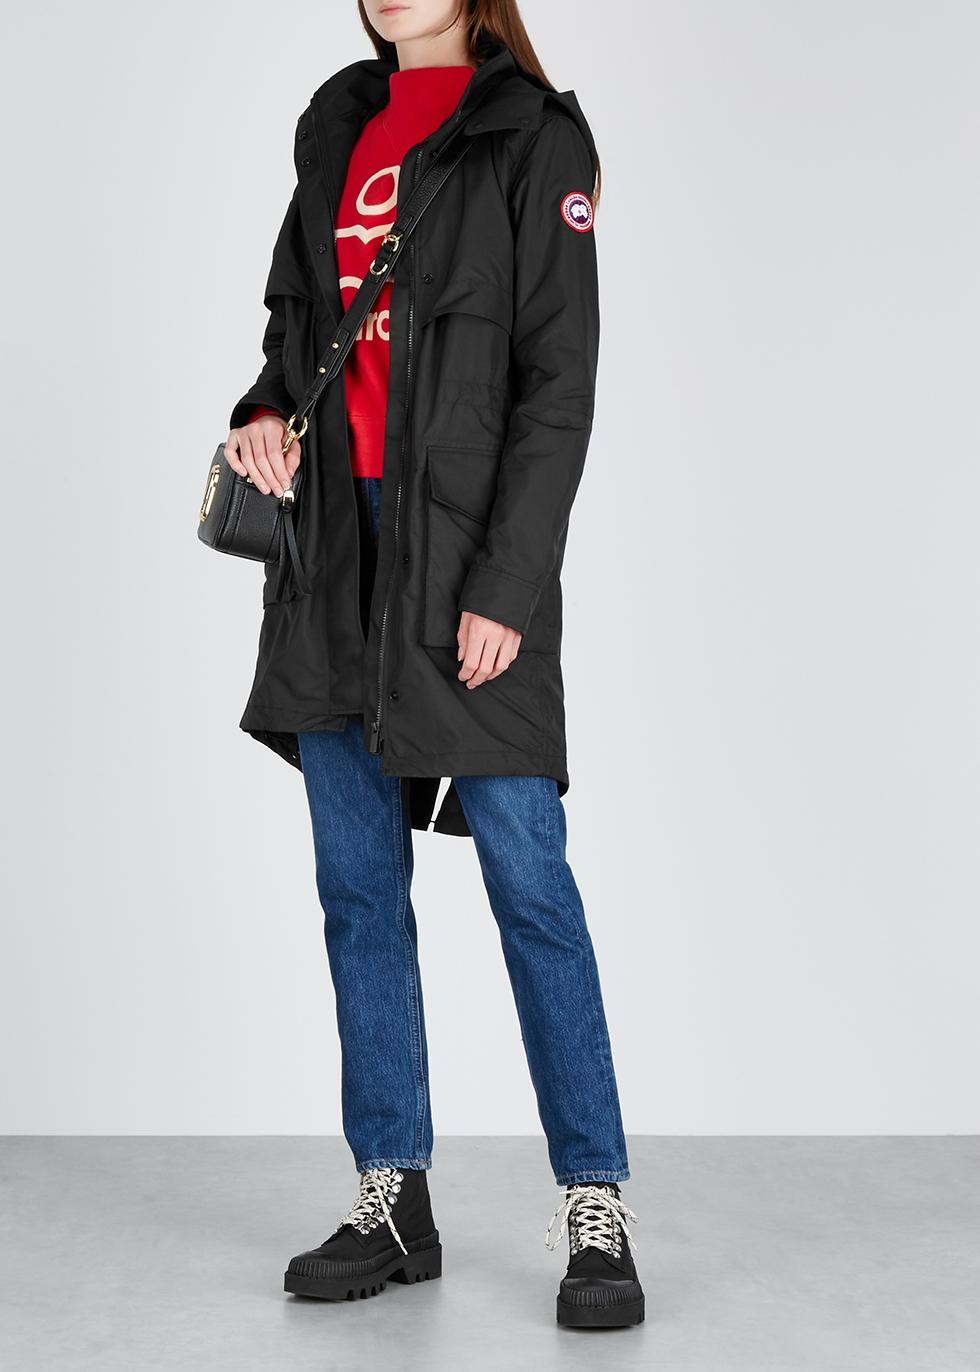 52b56a12a Canada Goose - Designer Jackets & Coats - Harvey Nichols